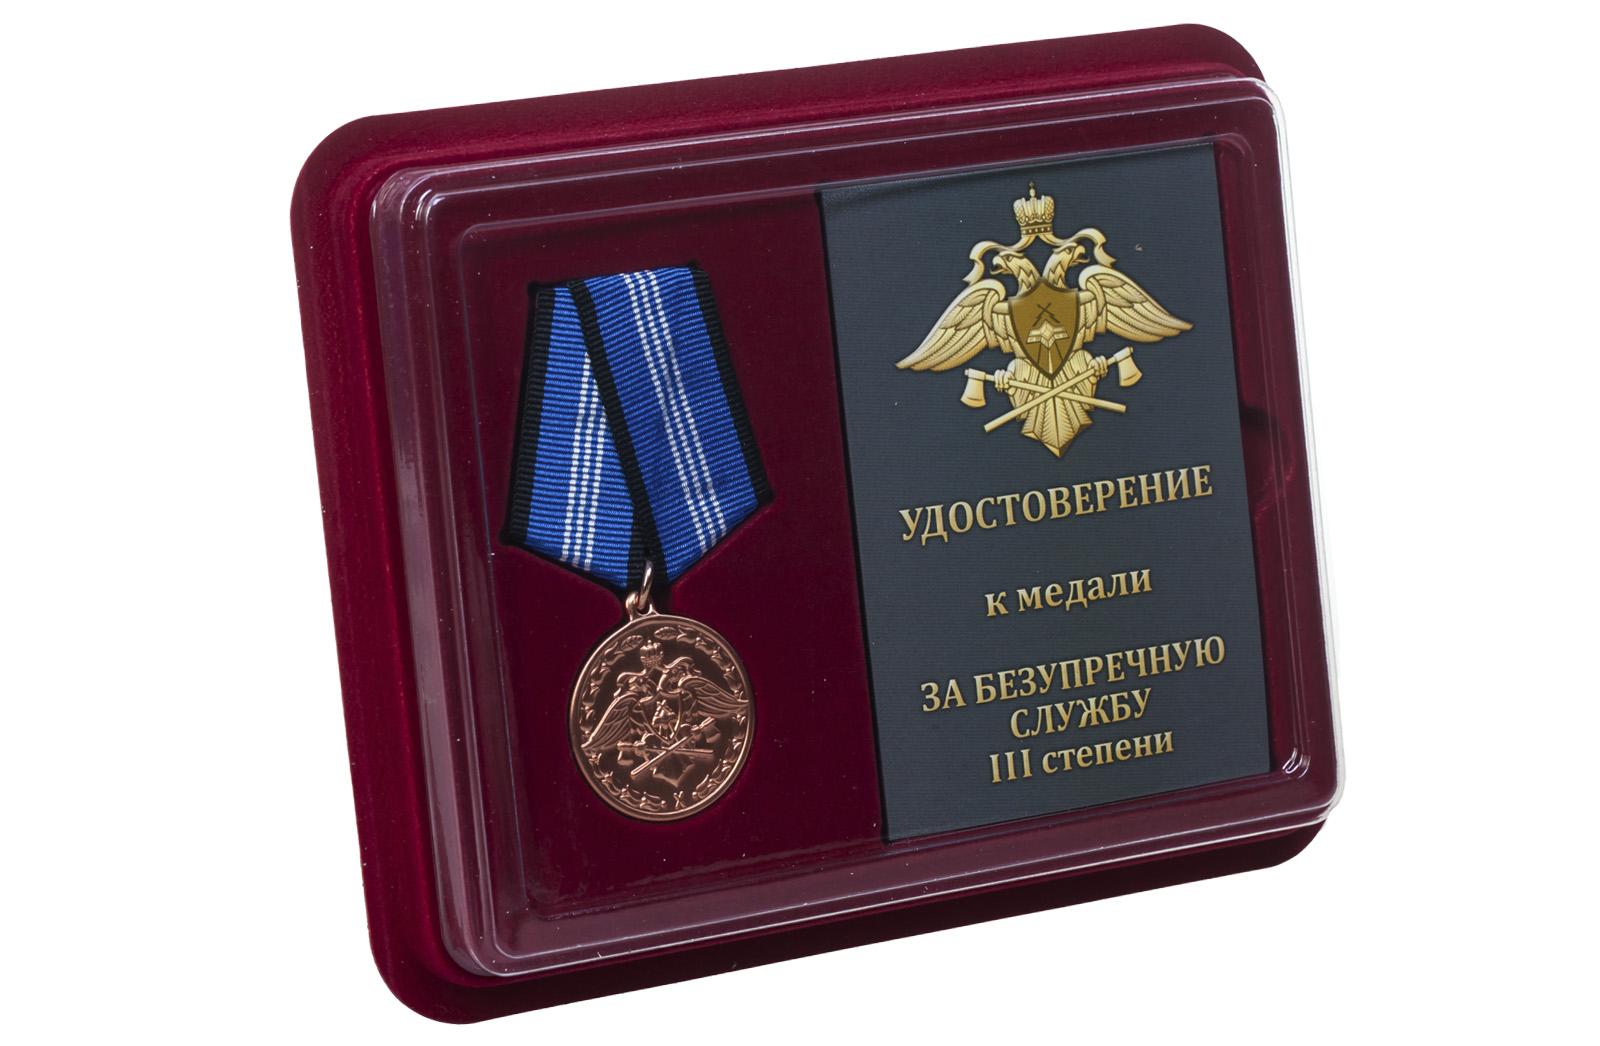 Купить медаль Спецстроя РФ За безупречную службу 3 степени оптом выгодно